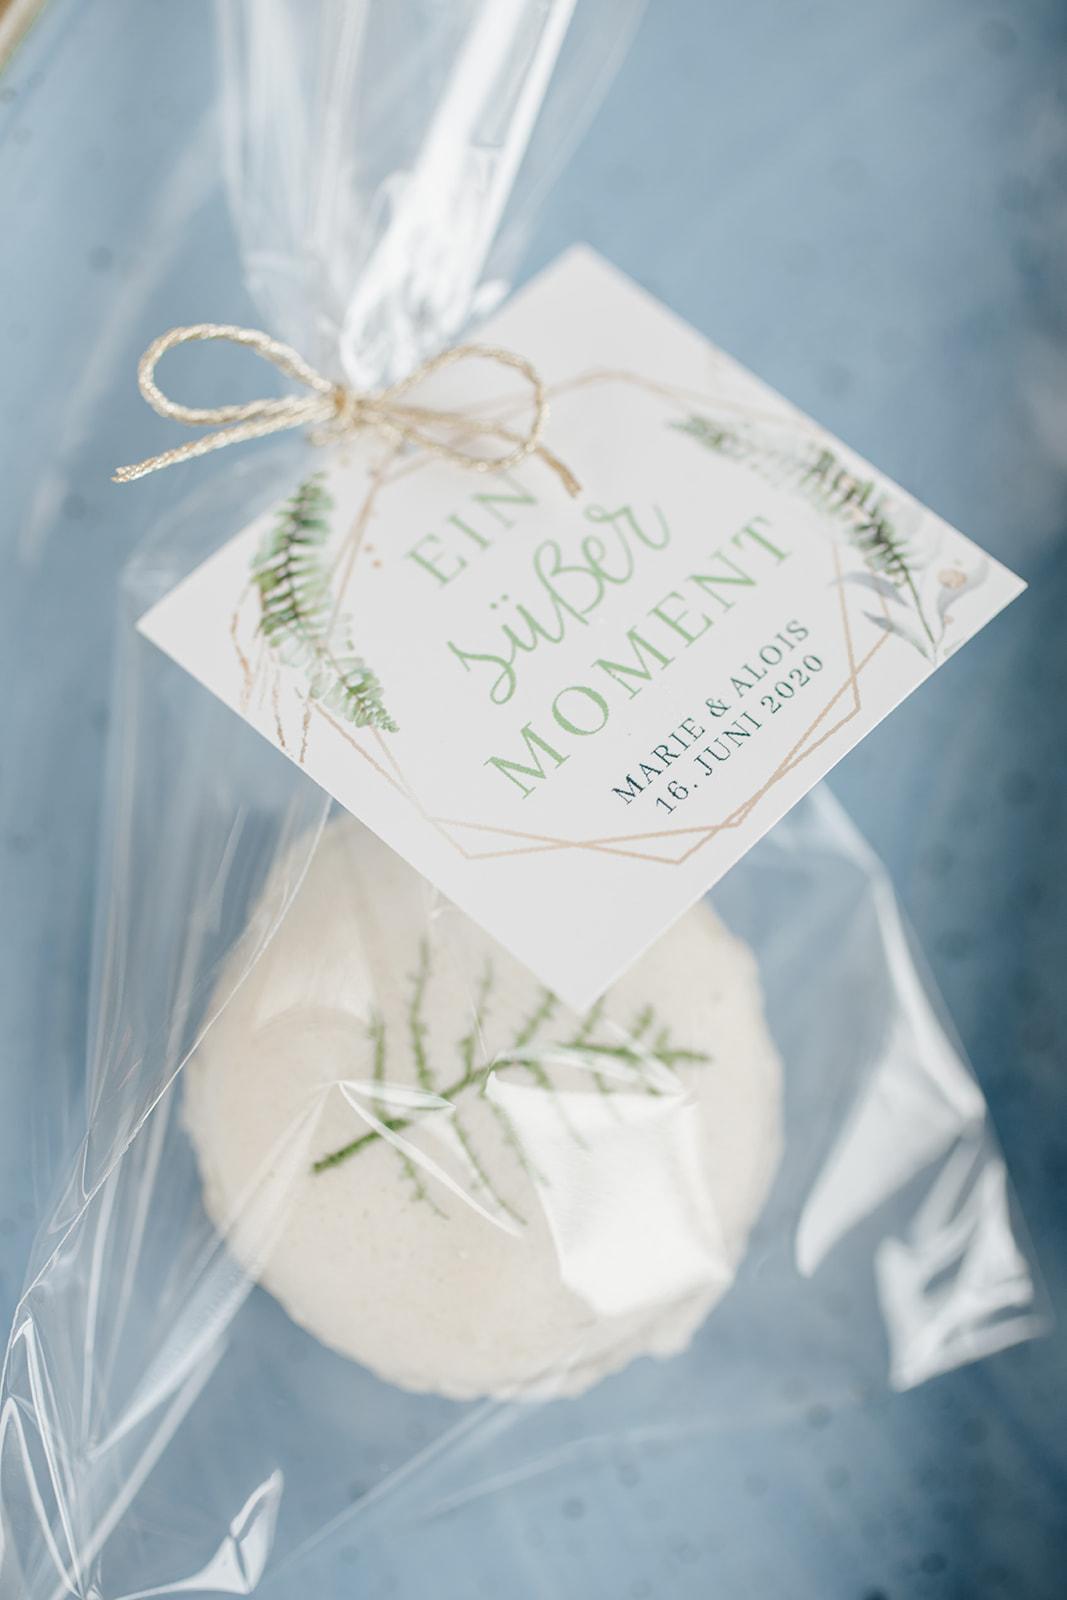 HeimArt Design Papeterie Chiemsee Hochzeit Greenery Wedding Anhänger Macaron Gastgeschenke Zuckeralm